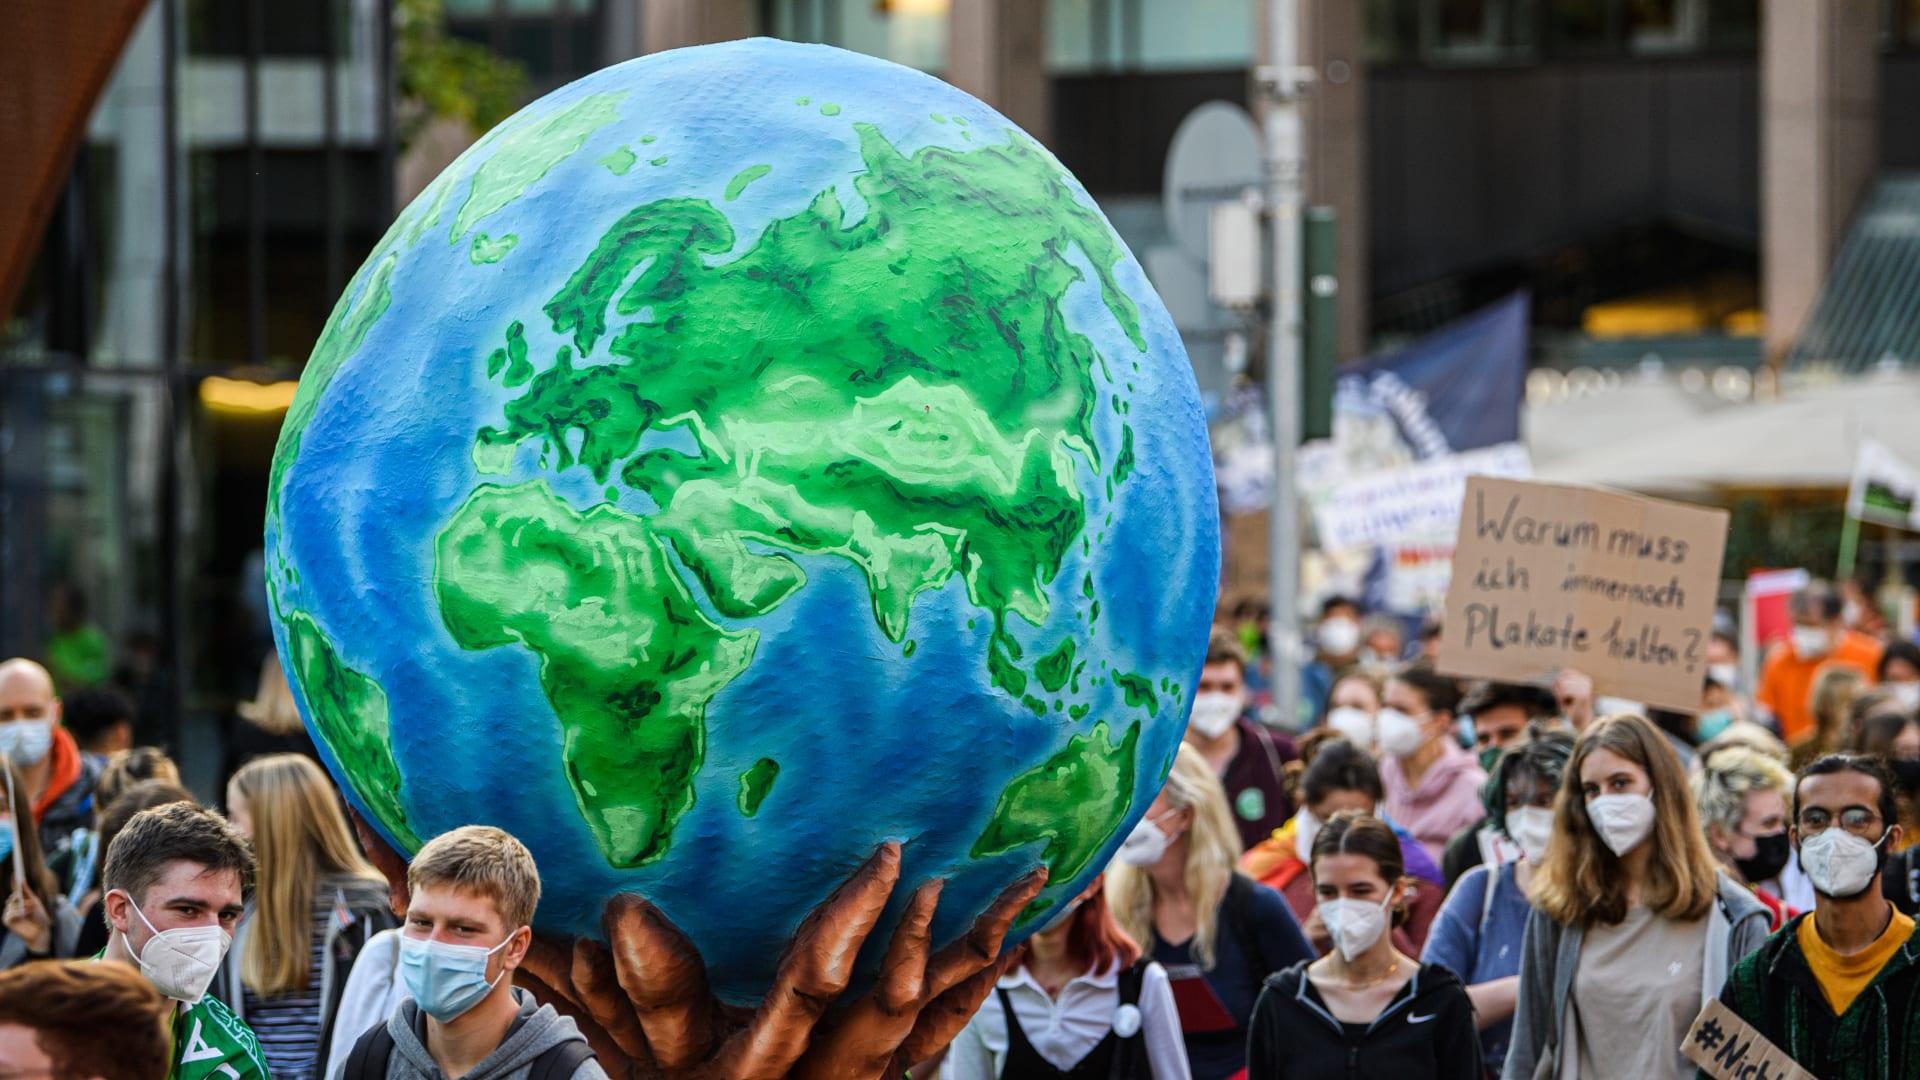 مظاهرة للمطالبة بسياسات مكافحة لتغير المناخ، في 24 سبتمبر 2021 في دوسلدورف، ألمانيا